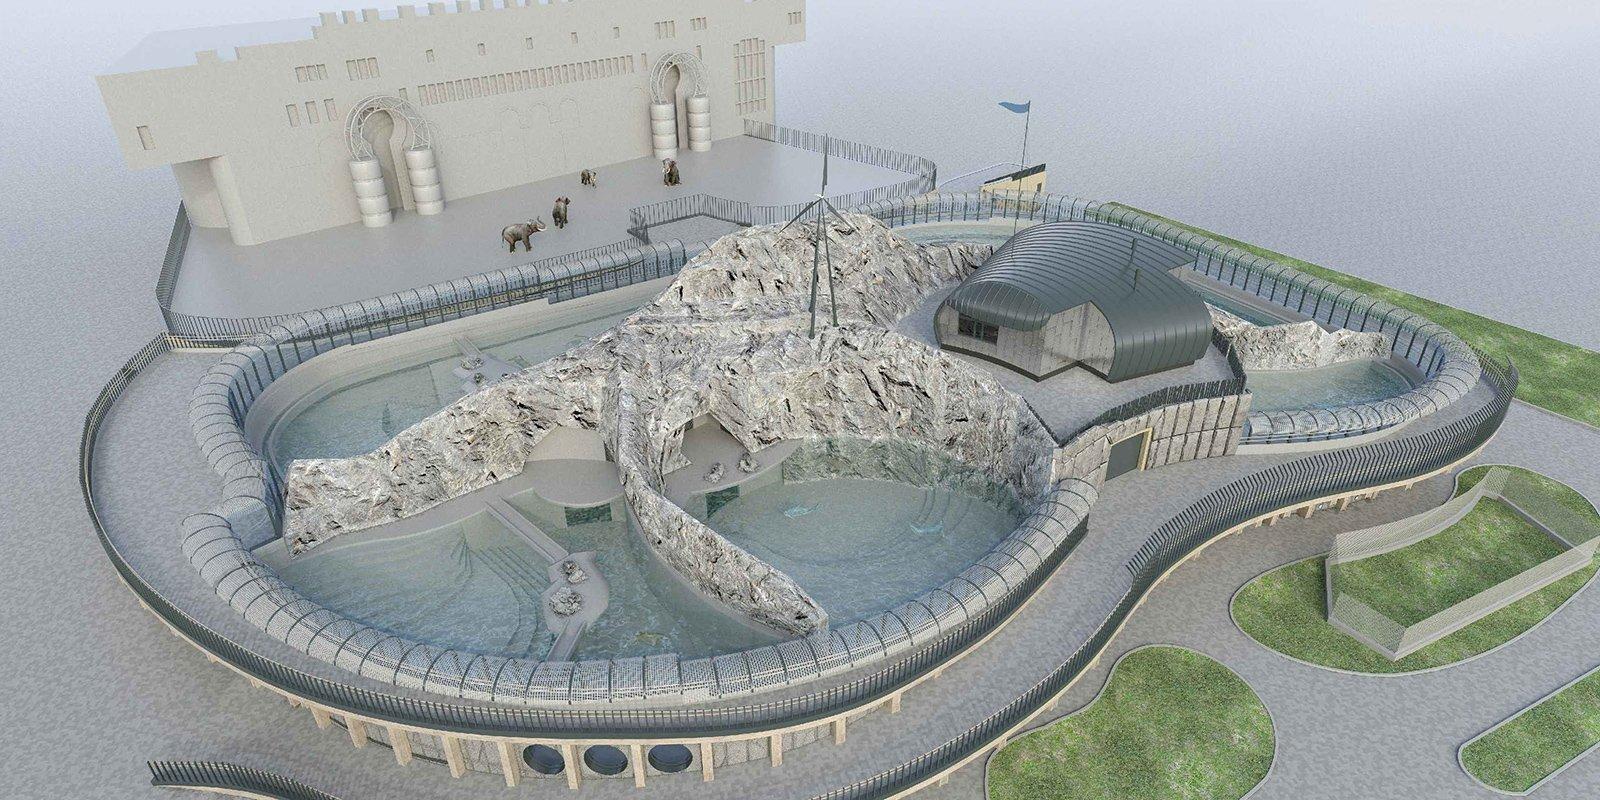 Комплекс «Домик зоолога» достраивается в столичном зоопарке